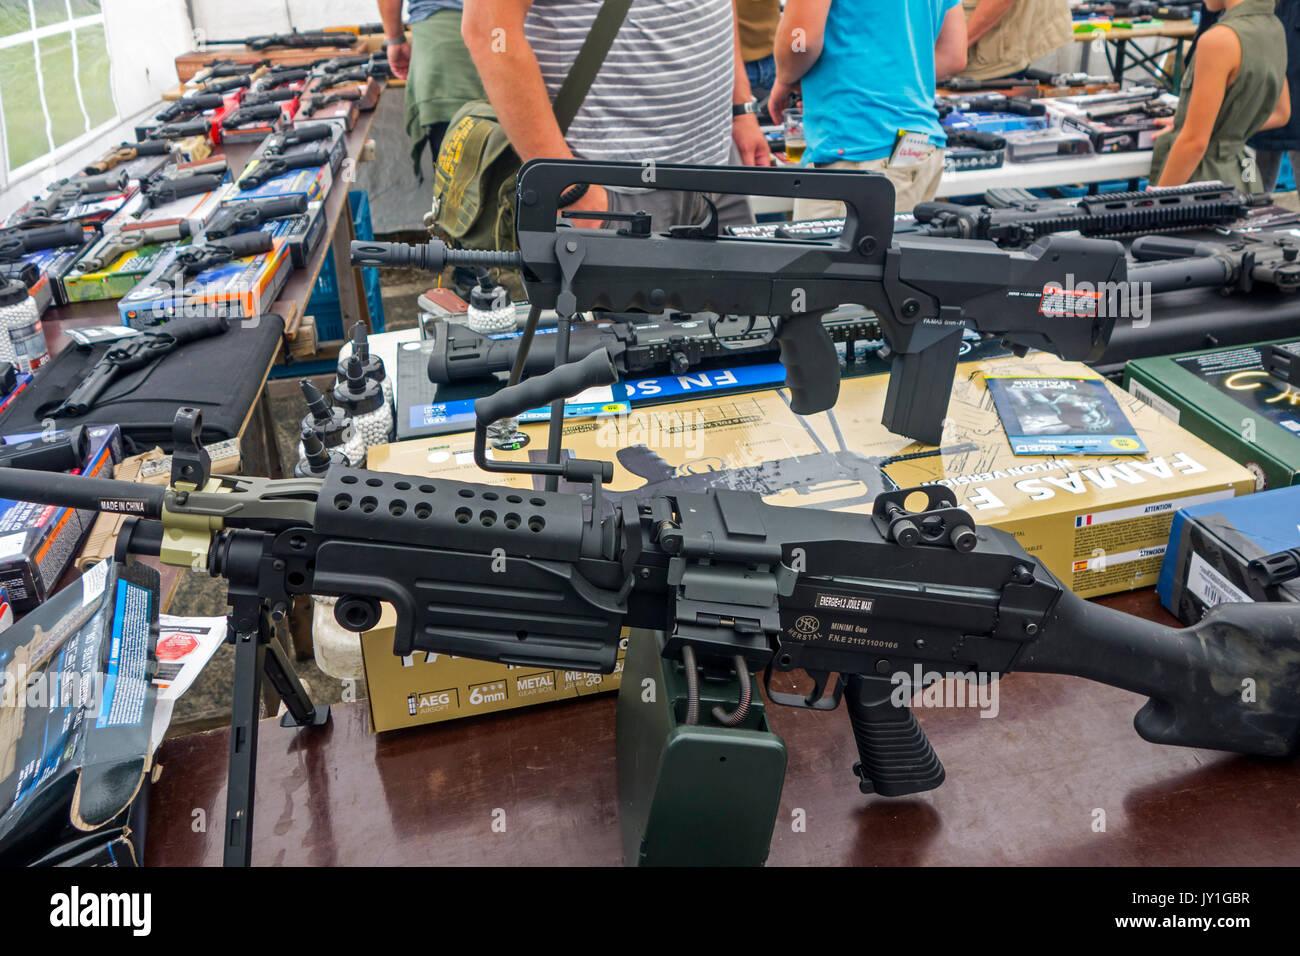 Stand alla Fiera militaria Vendita pistole soffice come l'aria, replica armi progettate per assomigliare in modo realistico le armi da fuoco reali come FN Minimi M249 SEGA E FAMAS-F1 Immagini Stock